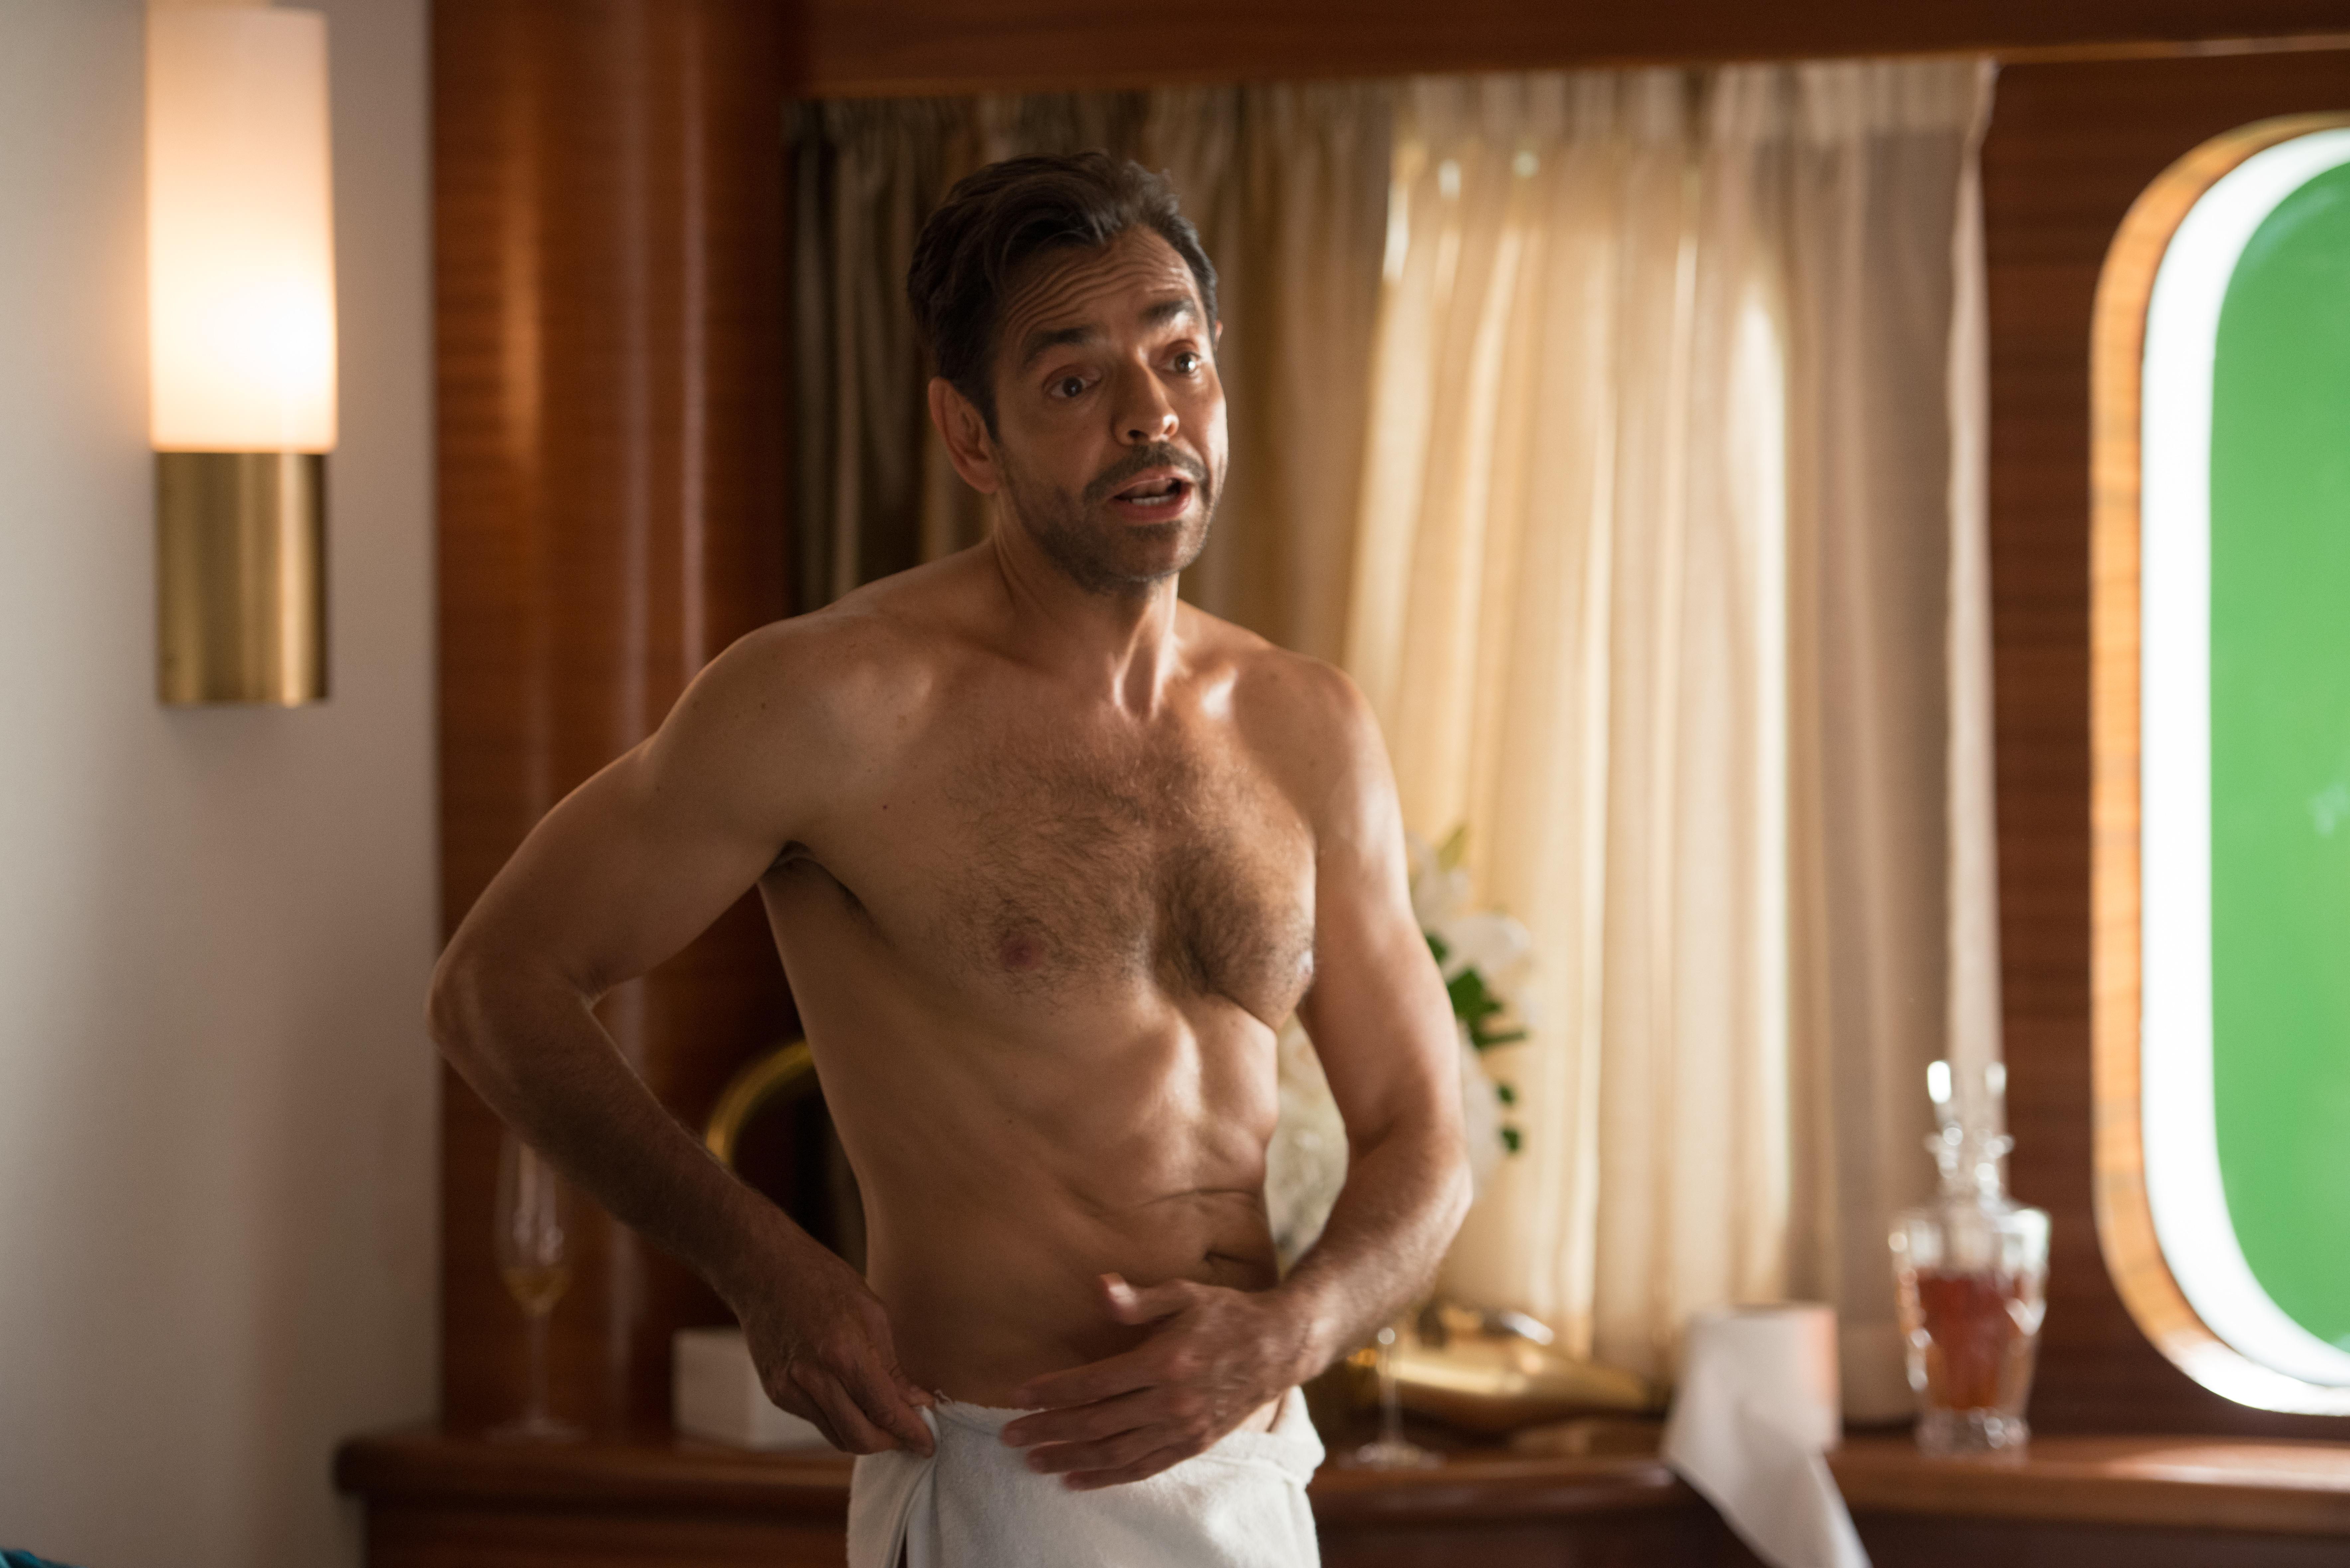 Derbez interpreta a Leonardo, un caprichoso playboy millonario.